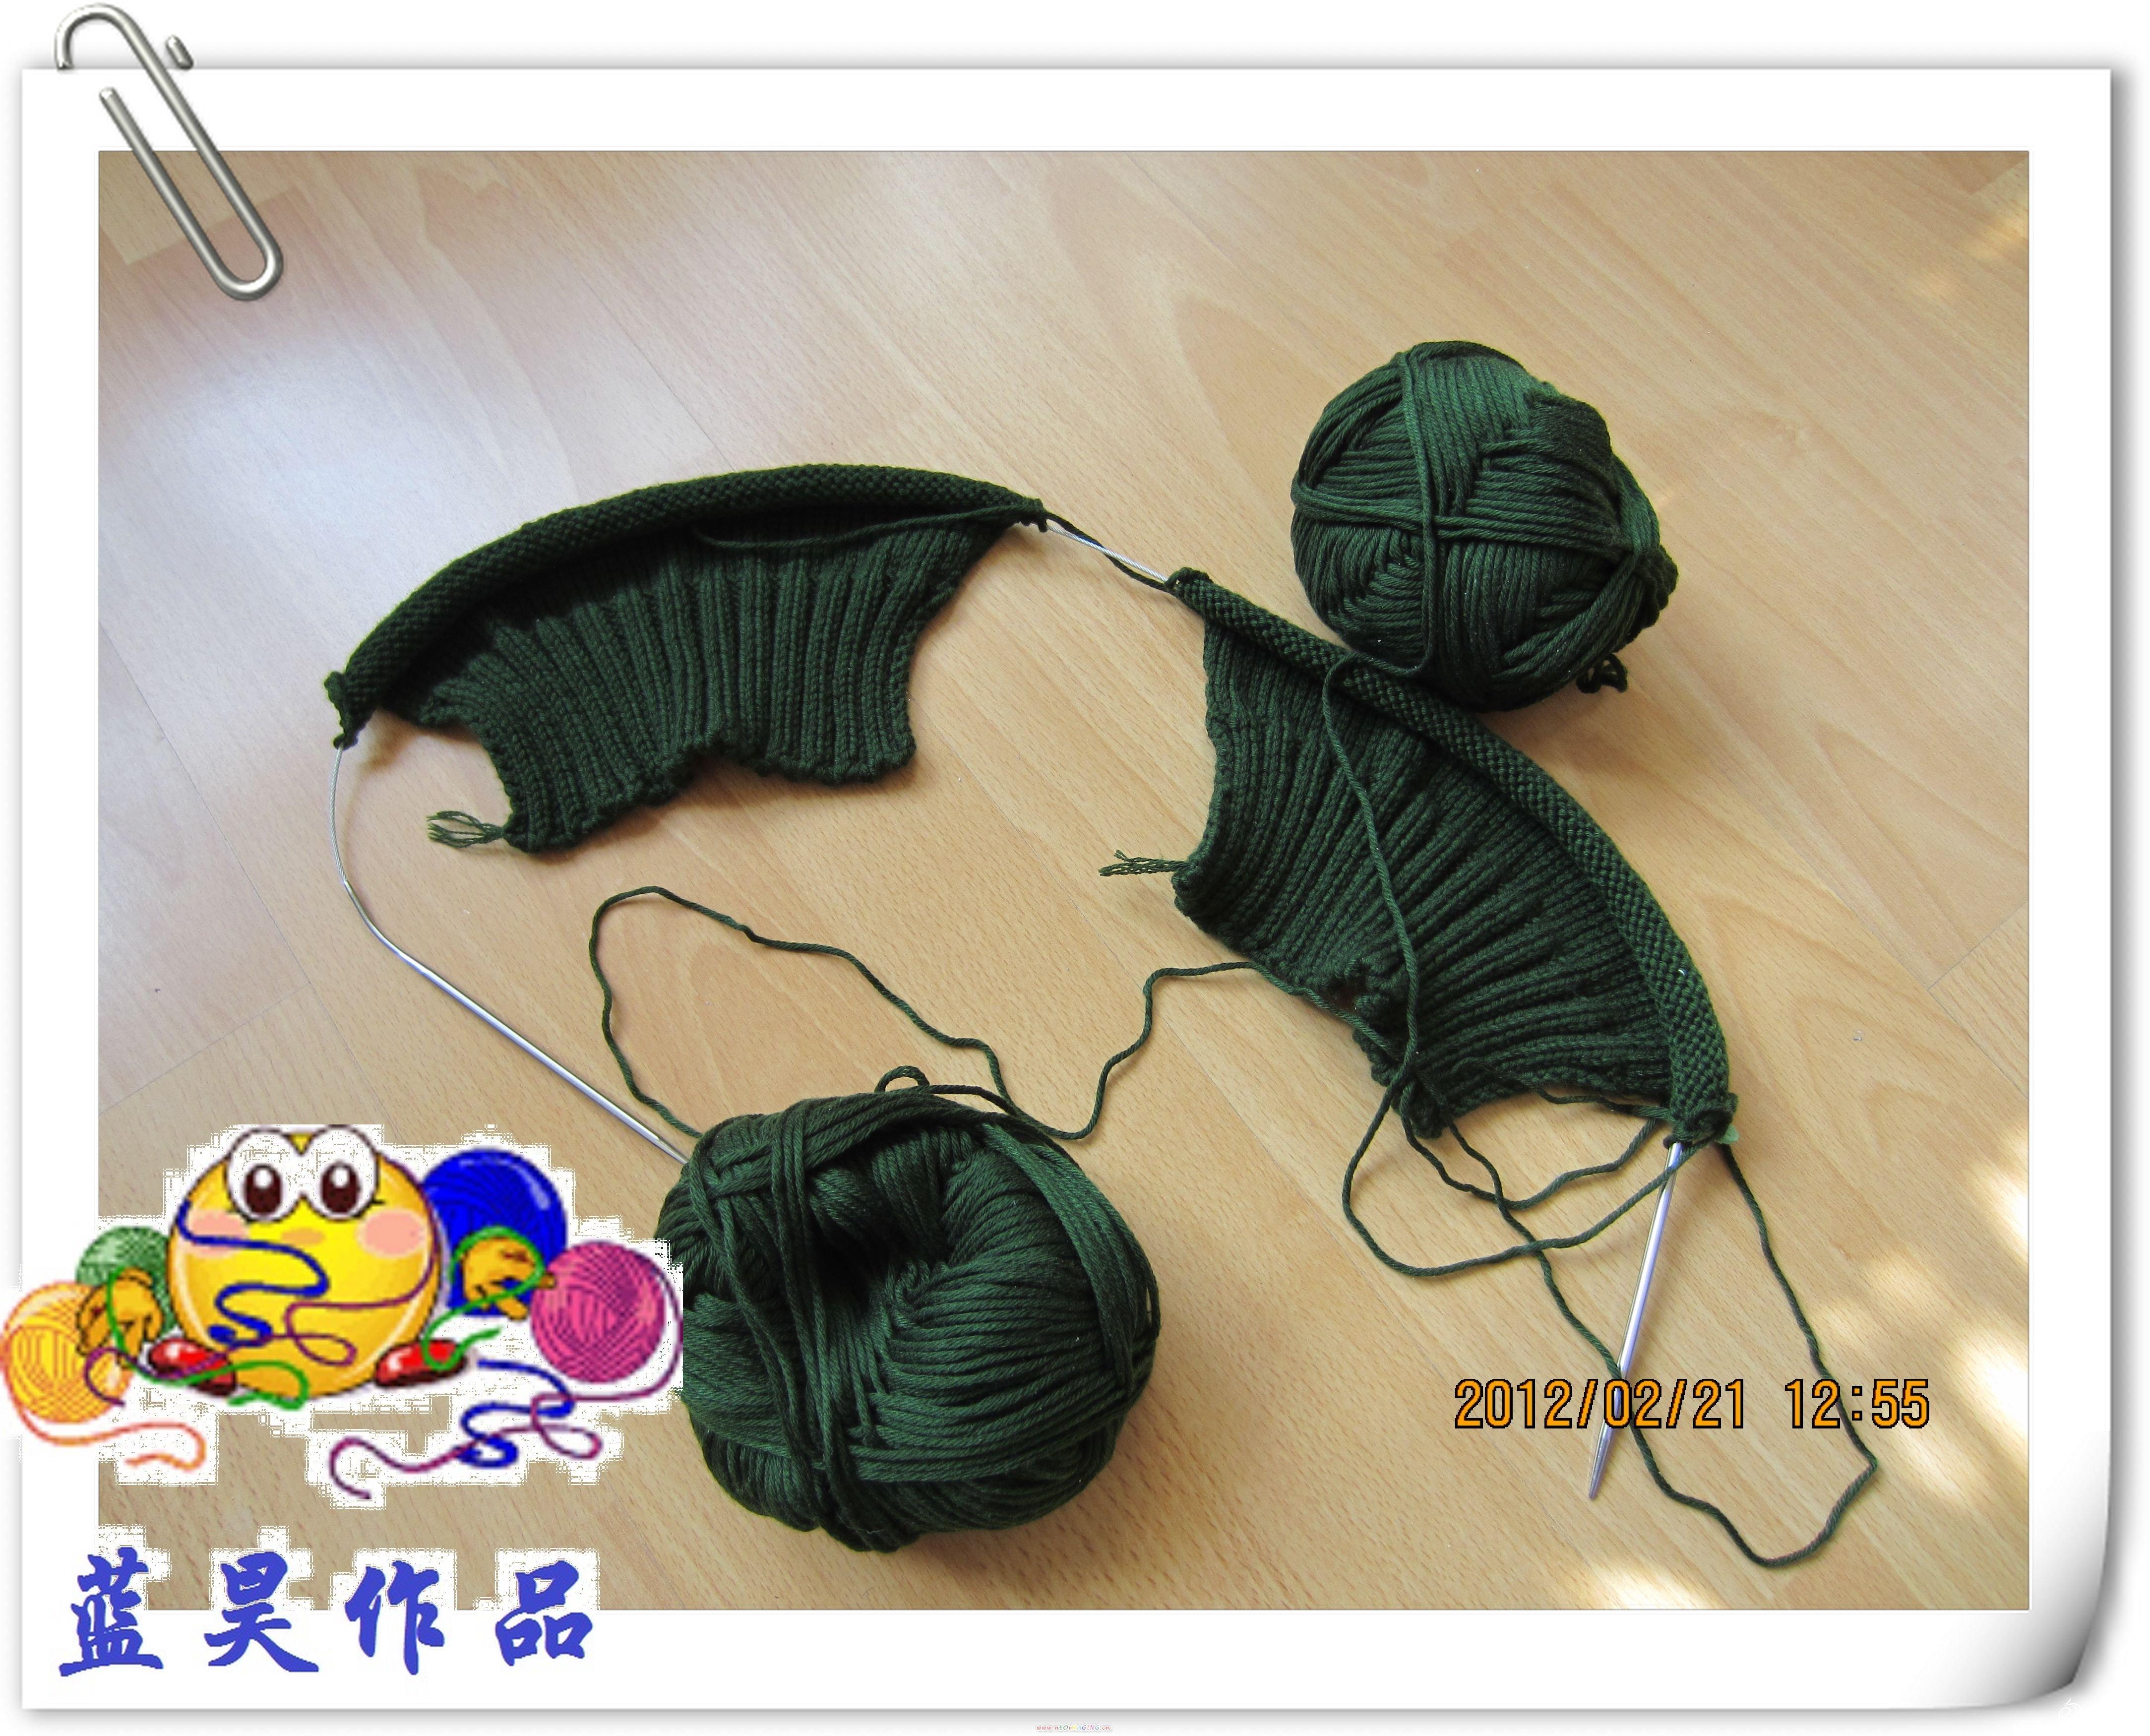 军绿织袖子1.jpg